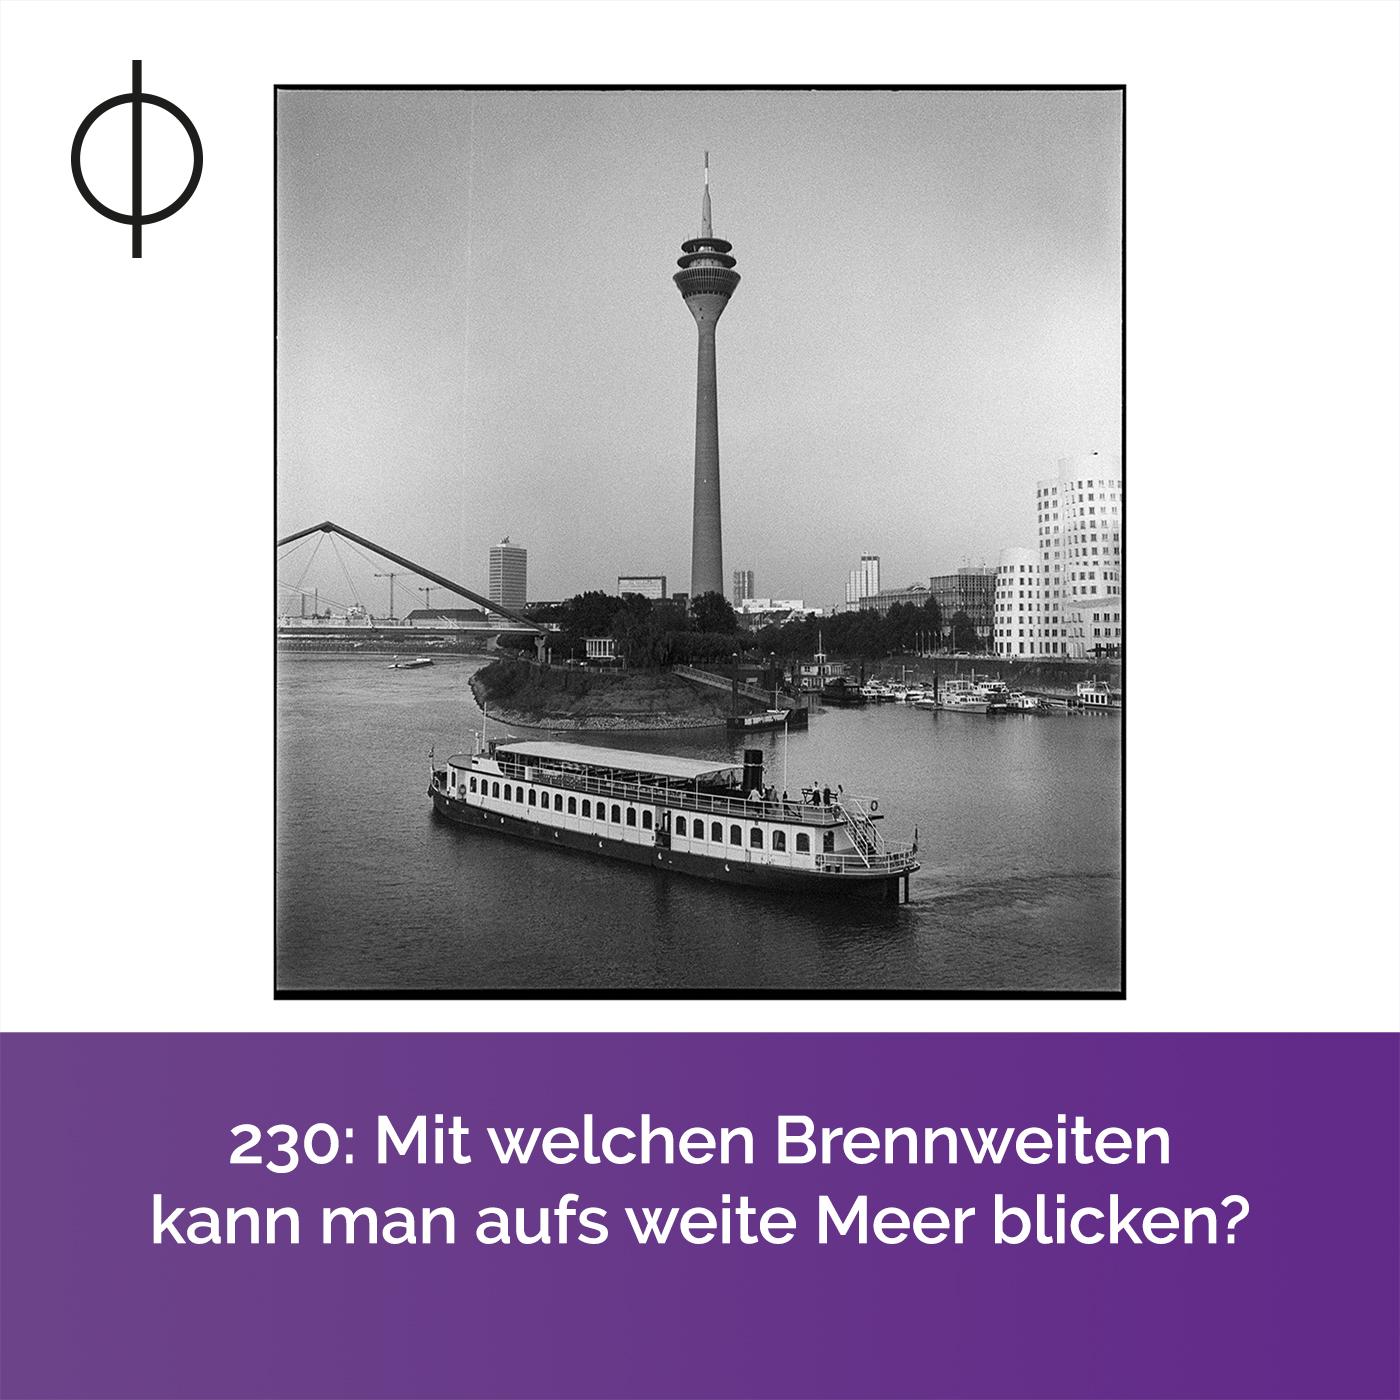 230: Mit welchen Brennweiten aufs weite Meer blicken?